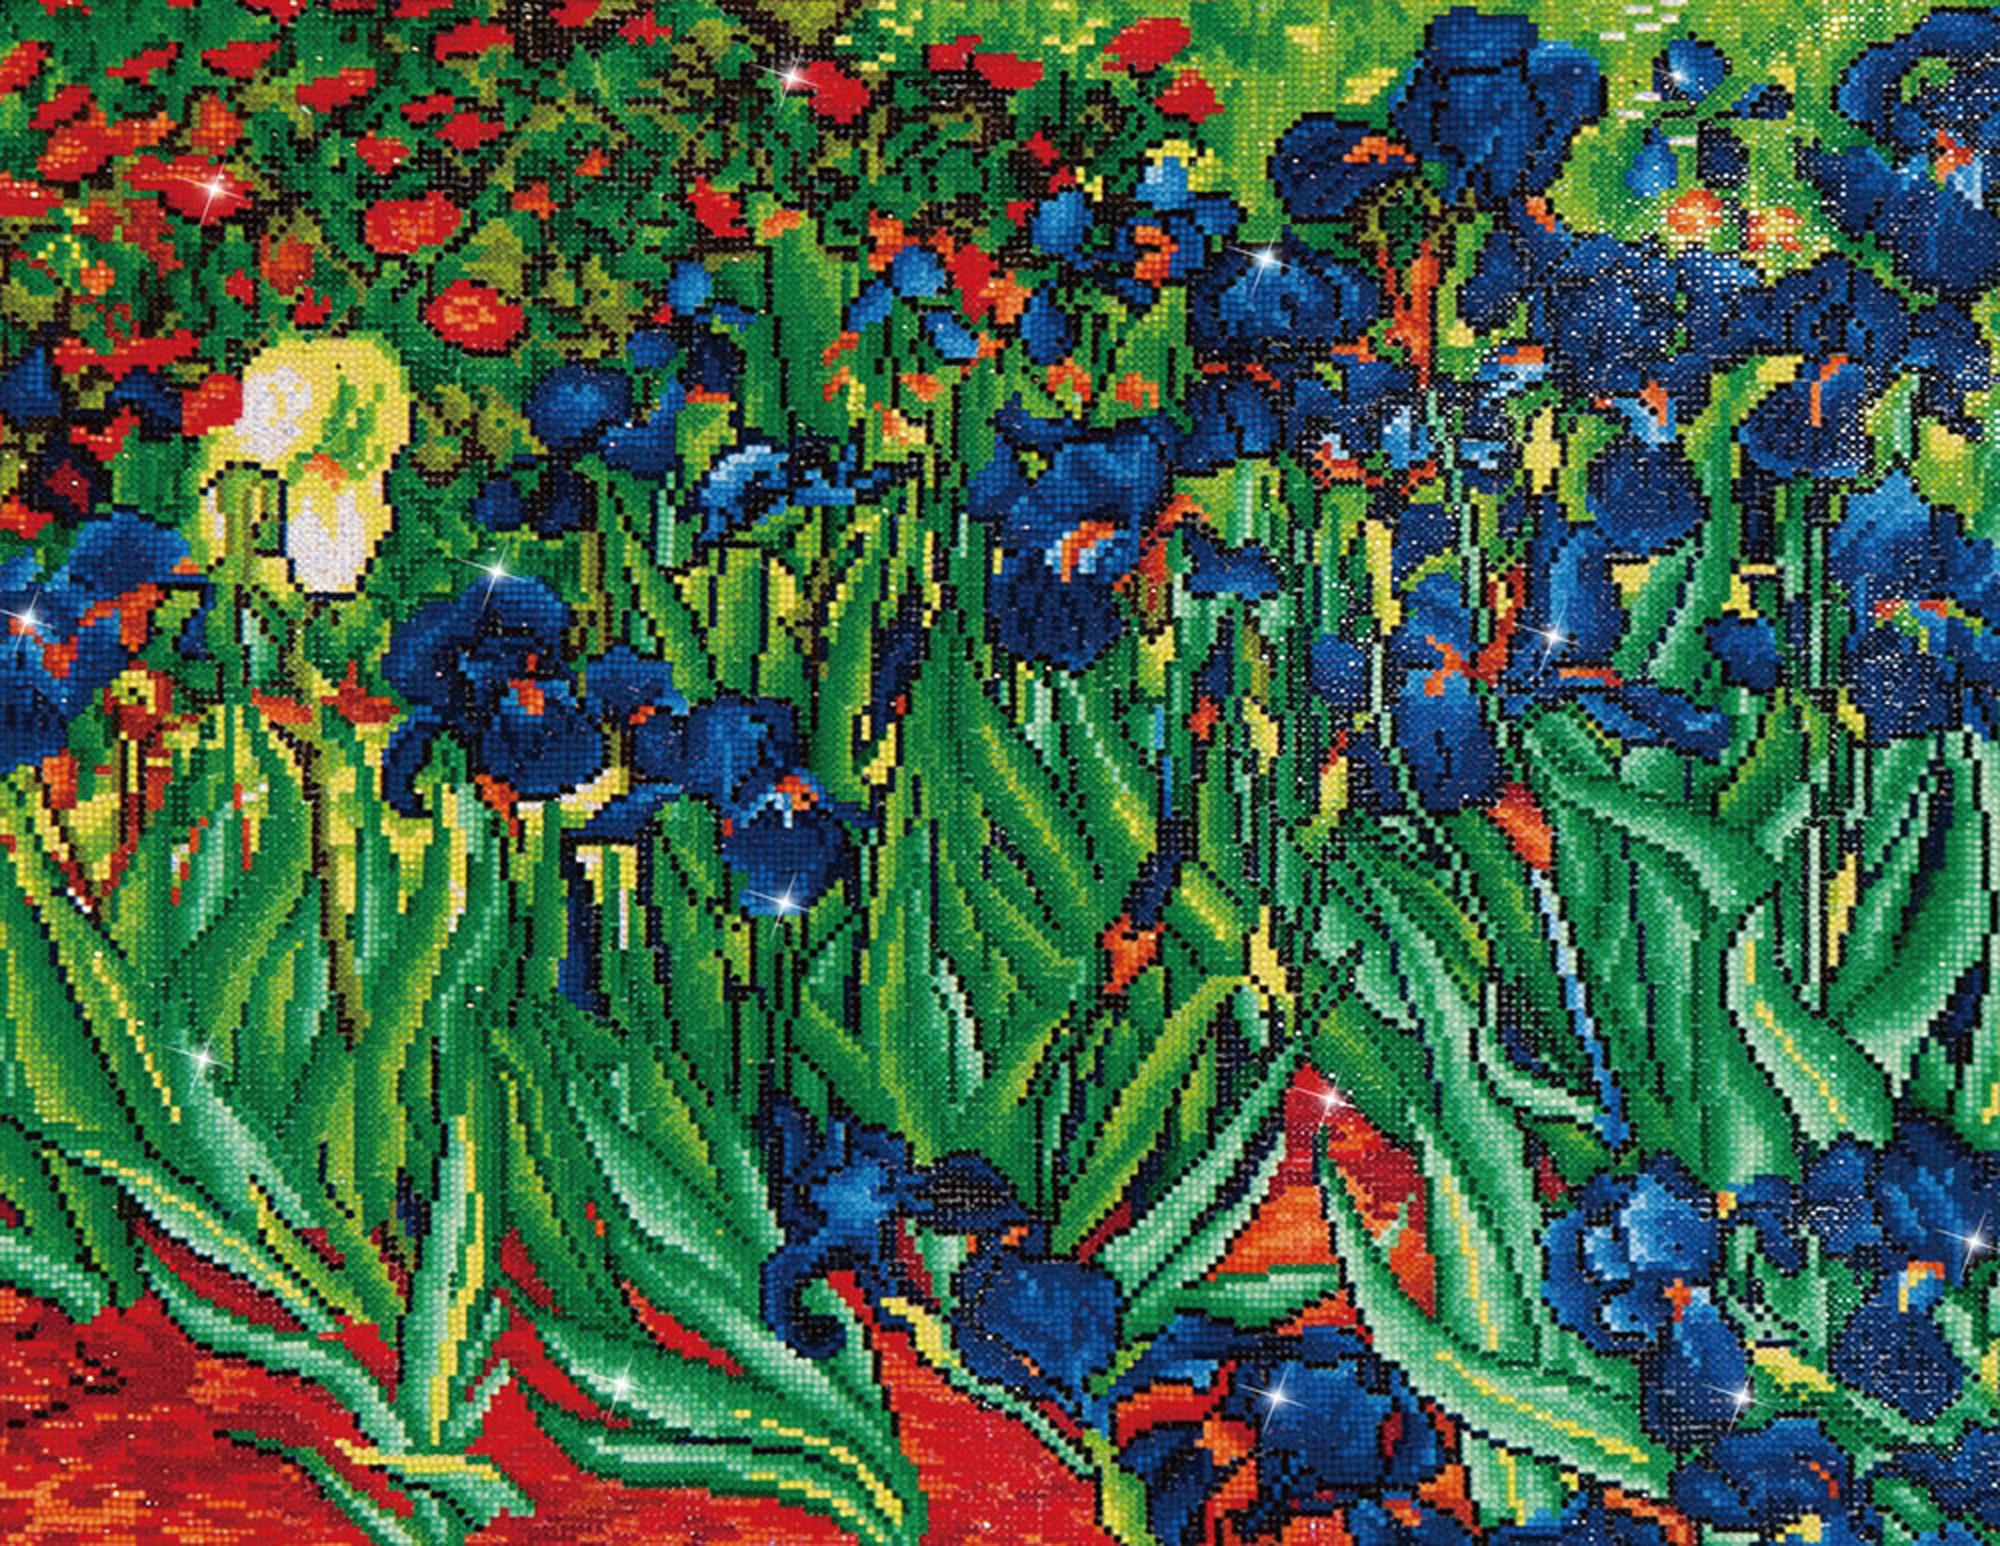 Tablou cu diamante - Iriși (Van Gogh), 56 x 71 cm imagine edituradiana.ro